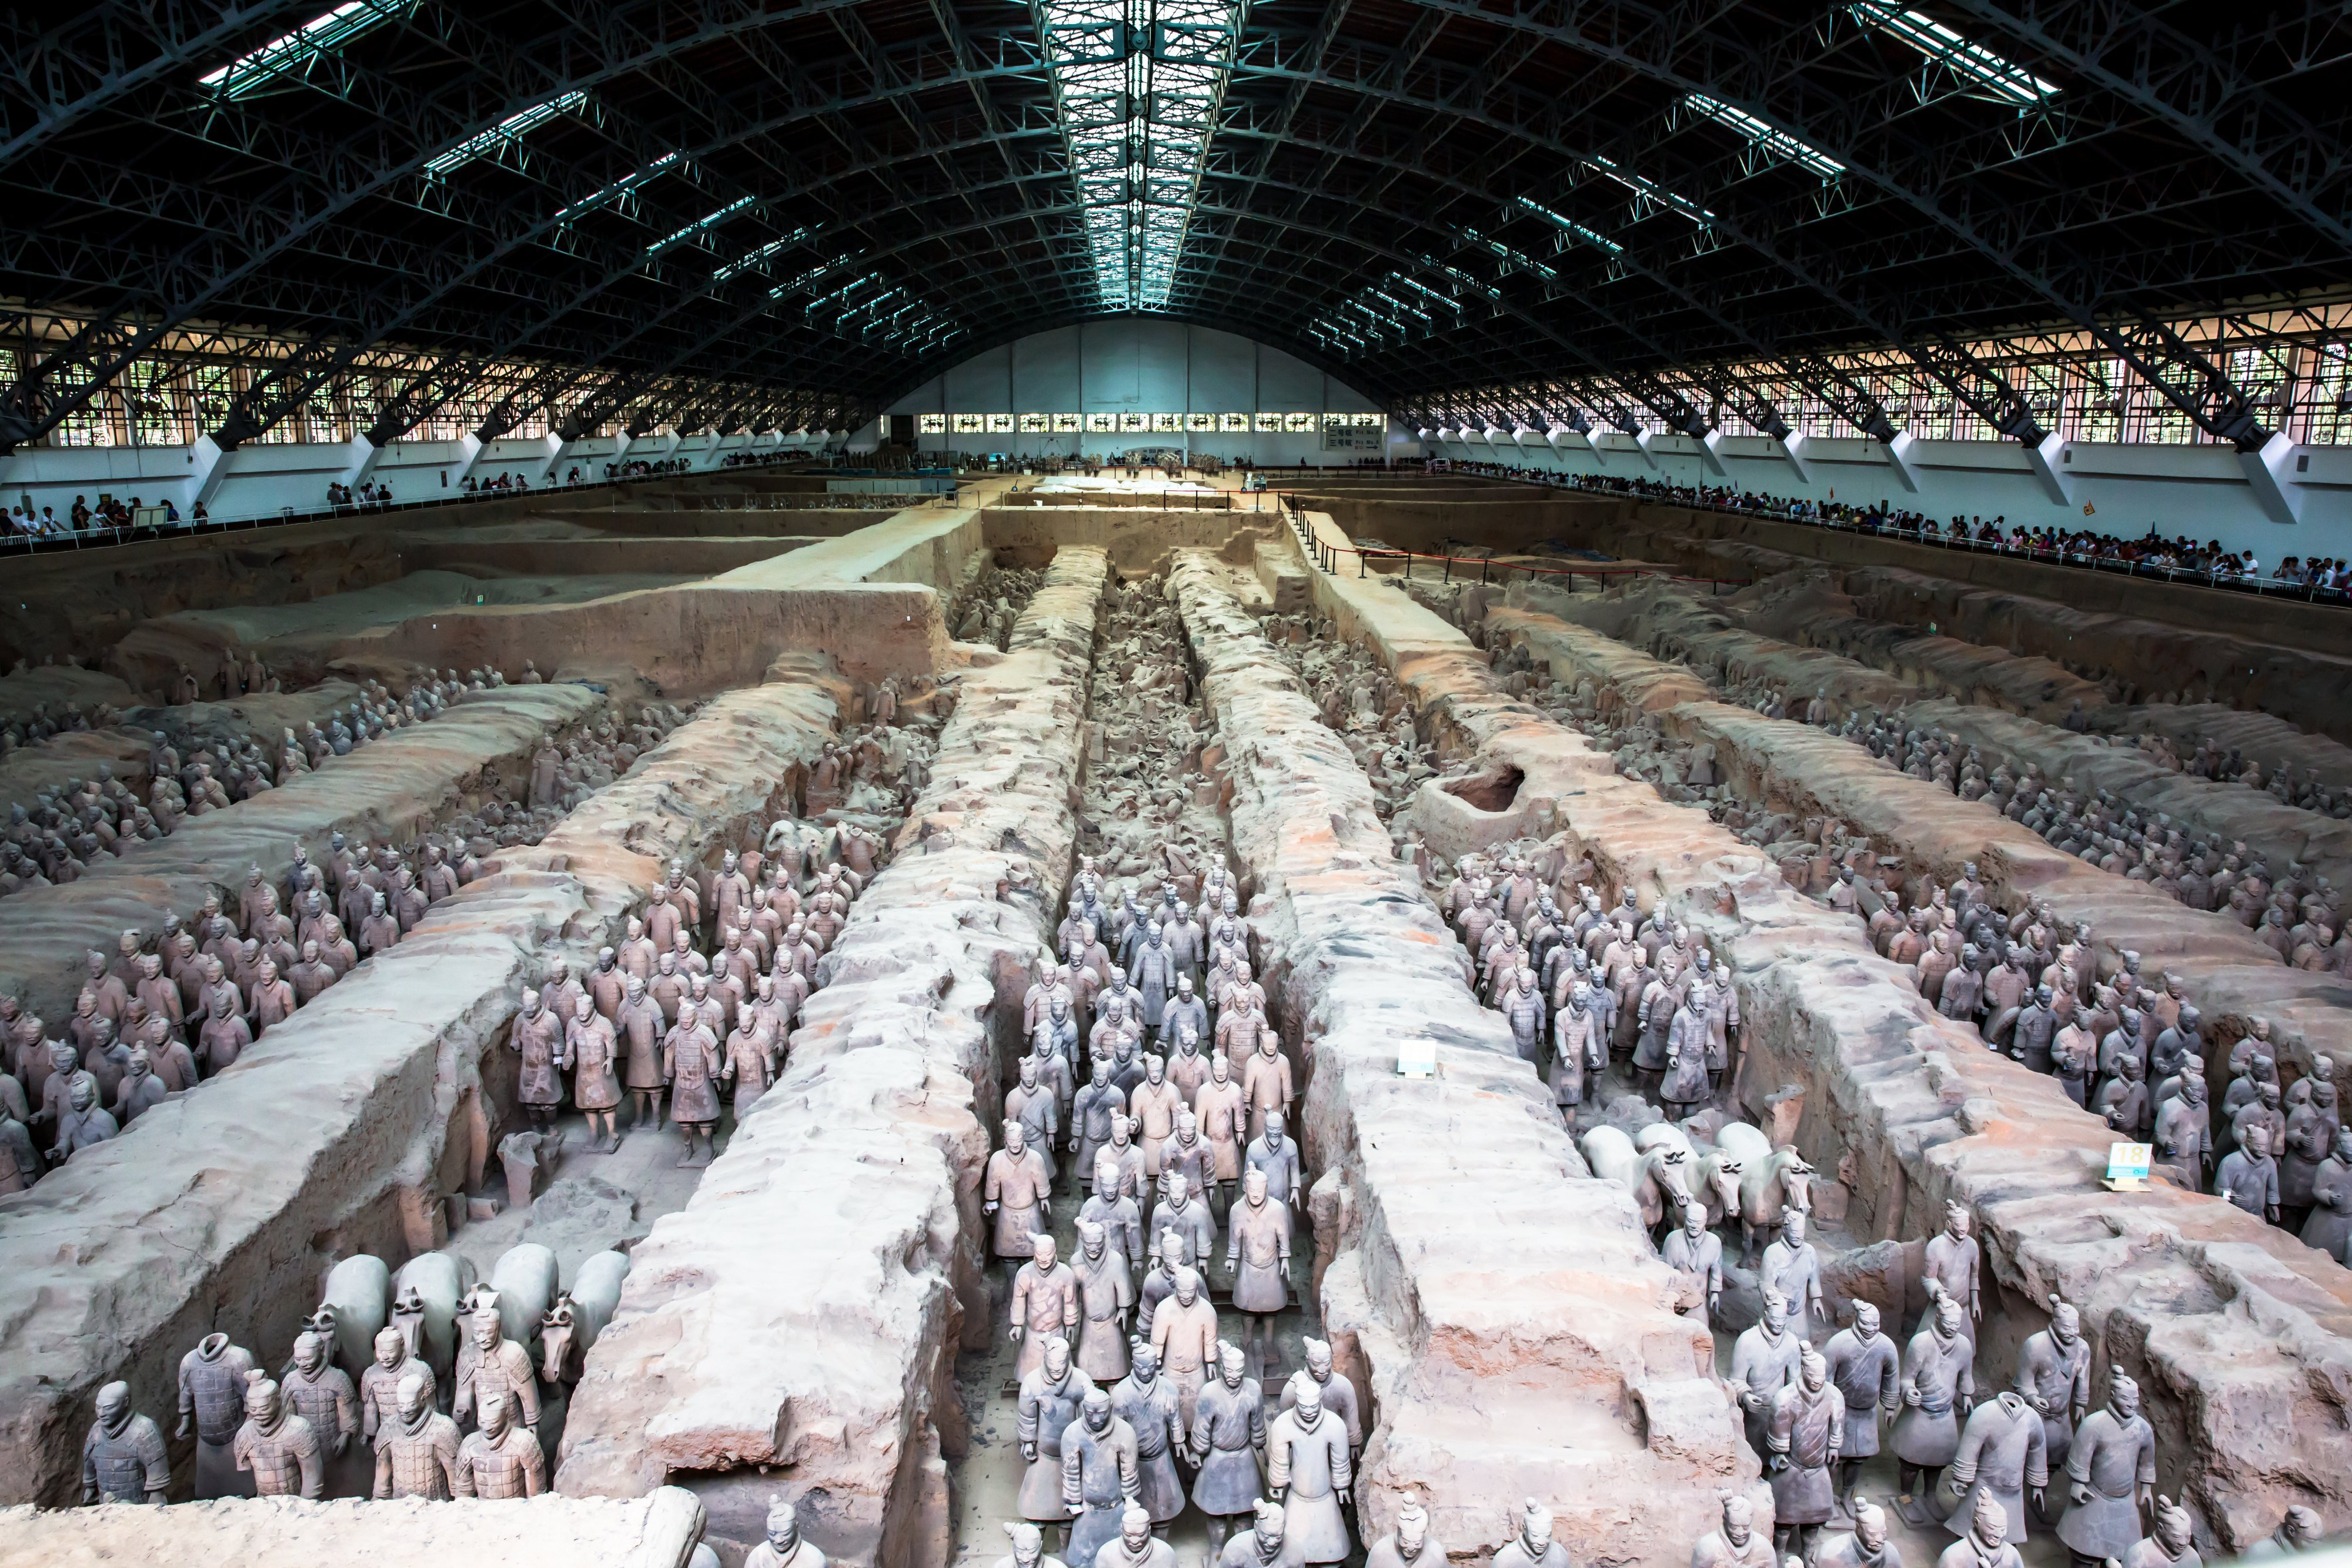 秦始皇兵馬俑博物館    -4